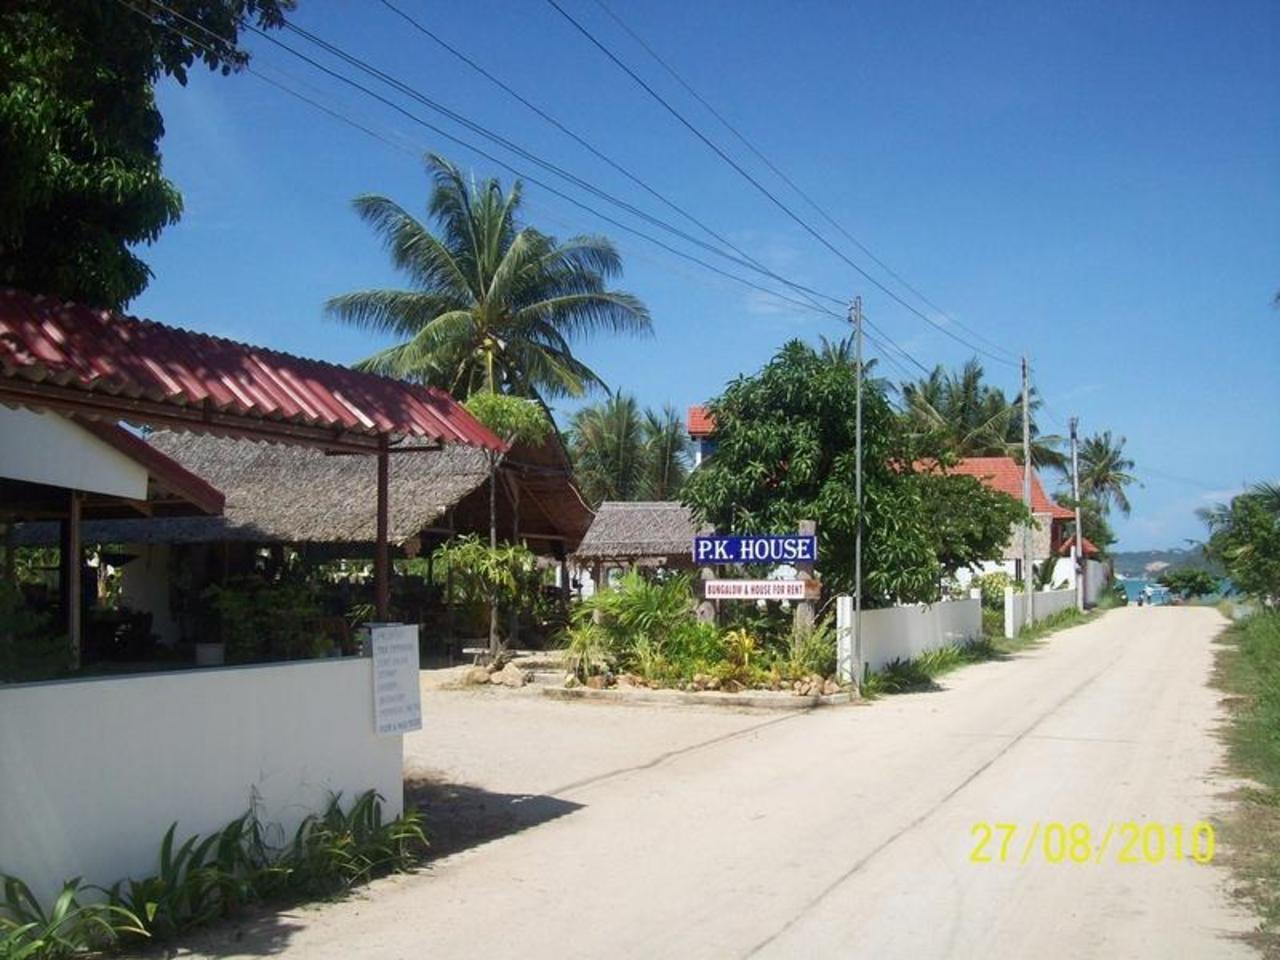 พีเค เฮาส์ บังกะโล (P.K House Bungalow)